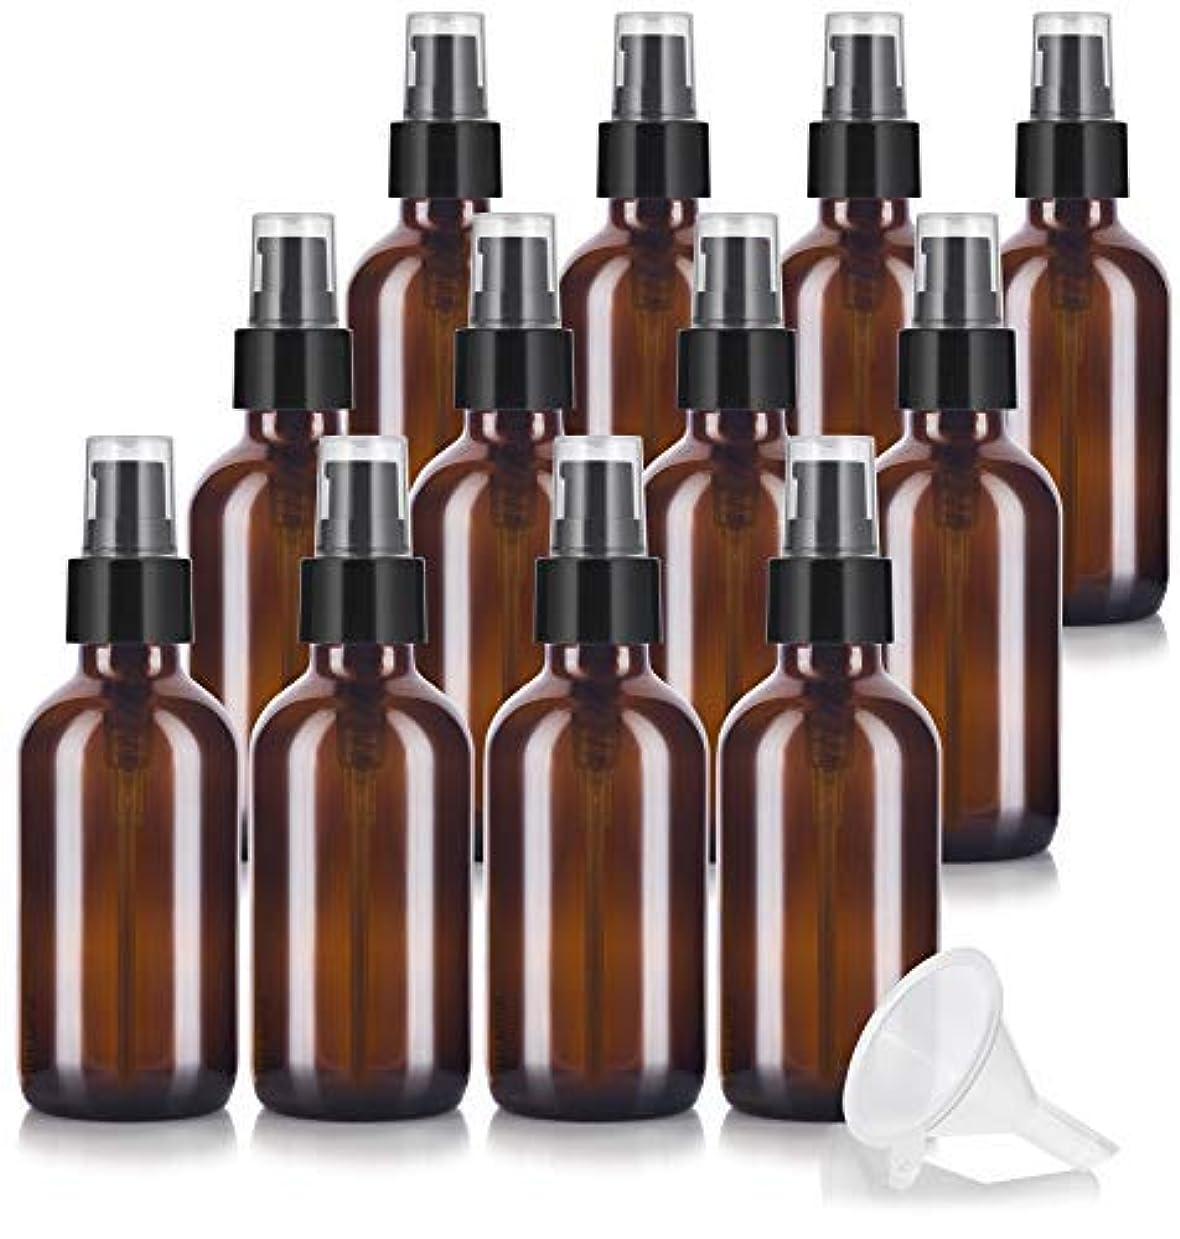 ダウンタウン天国水平4 oz Amber Glass Boston Round Treatment Pump Bottle (12 pack) + Funnel and Labels for essential oils, aromatherapy...